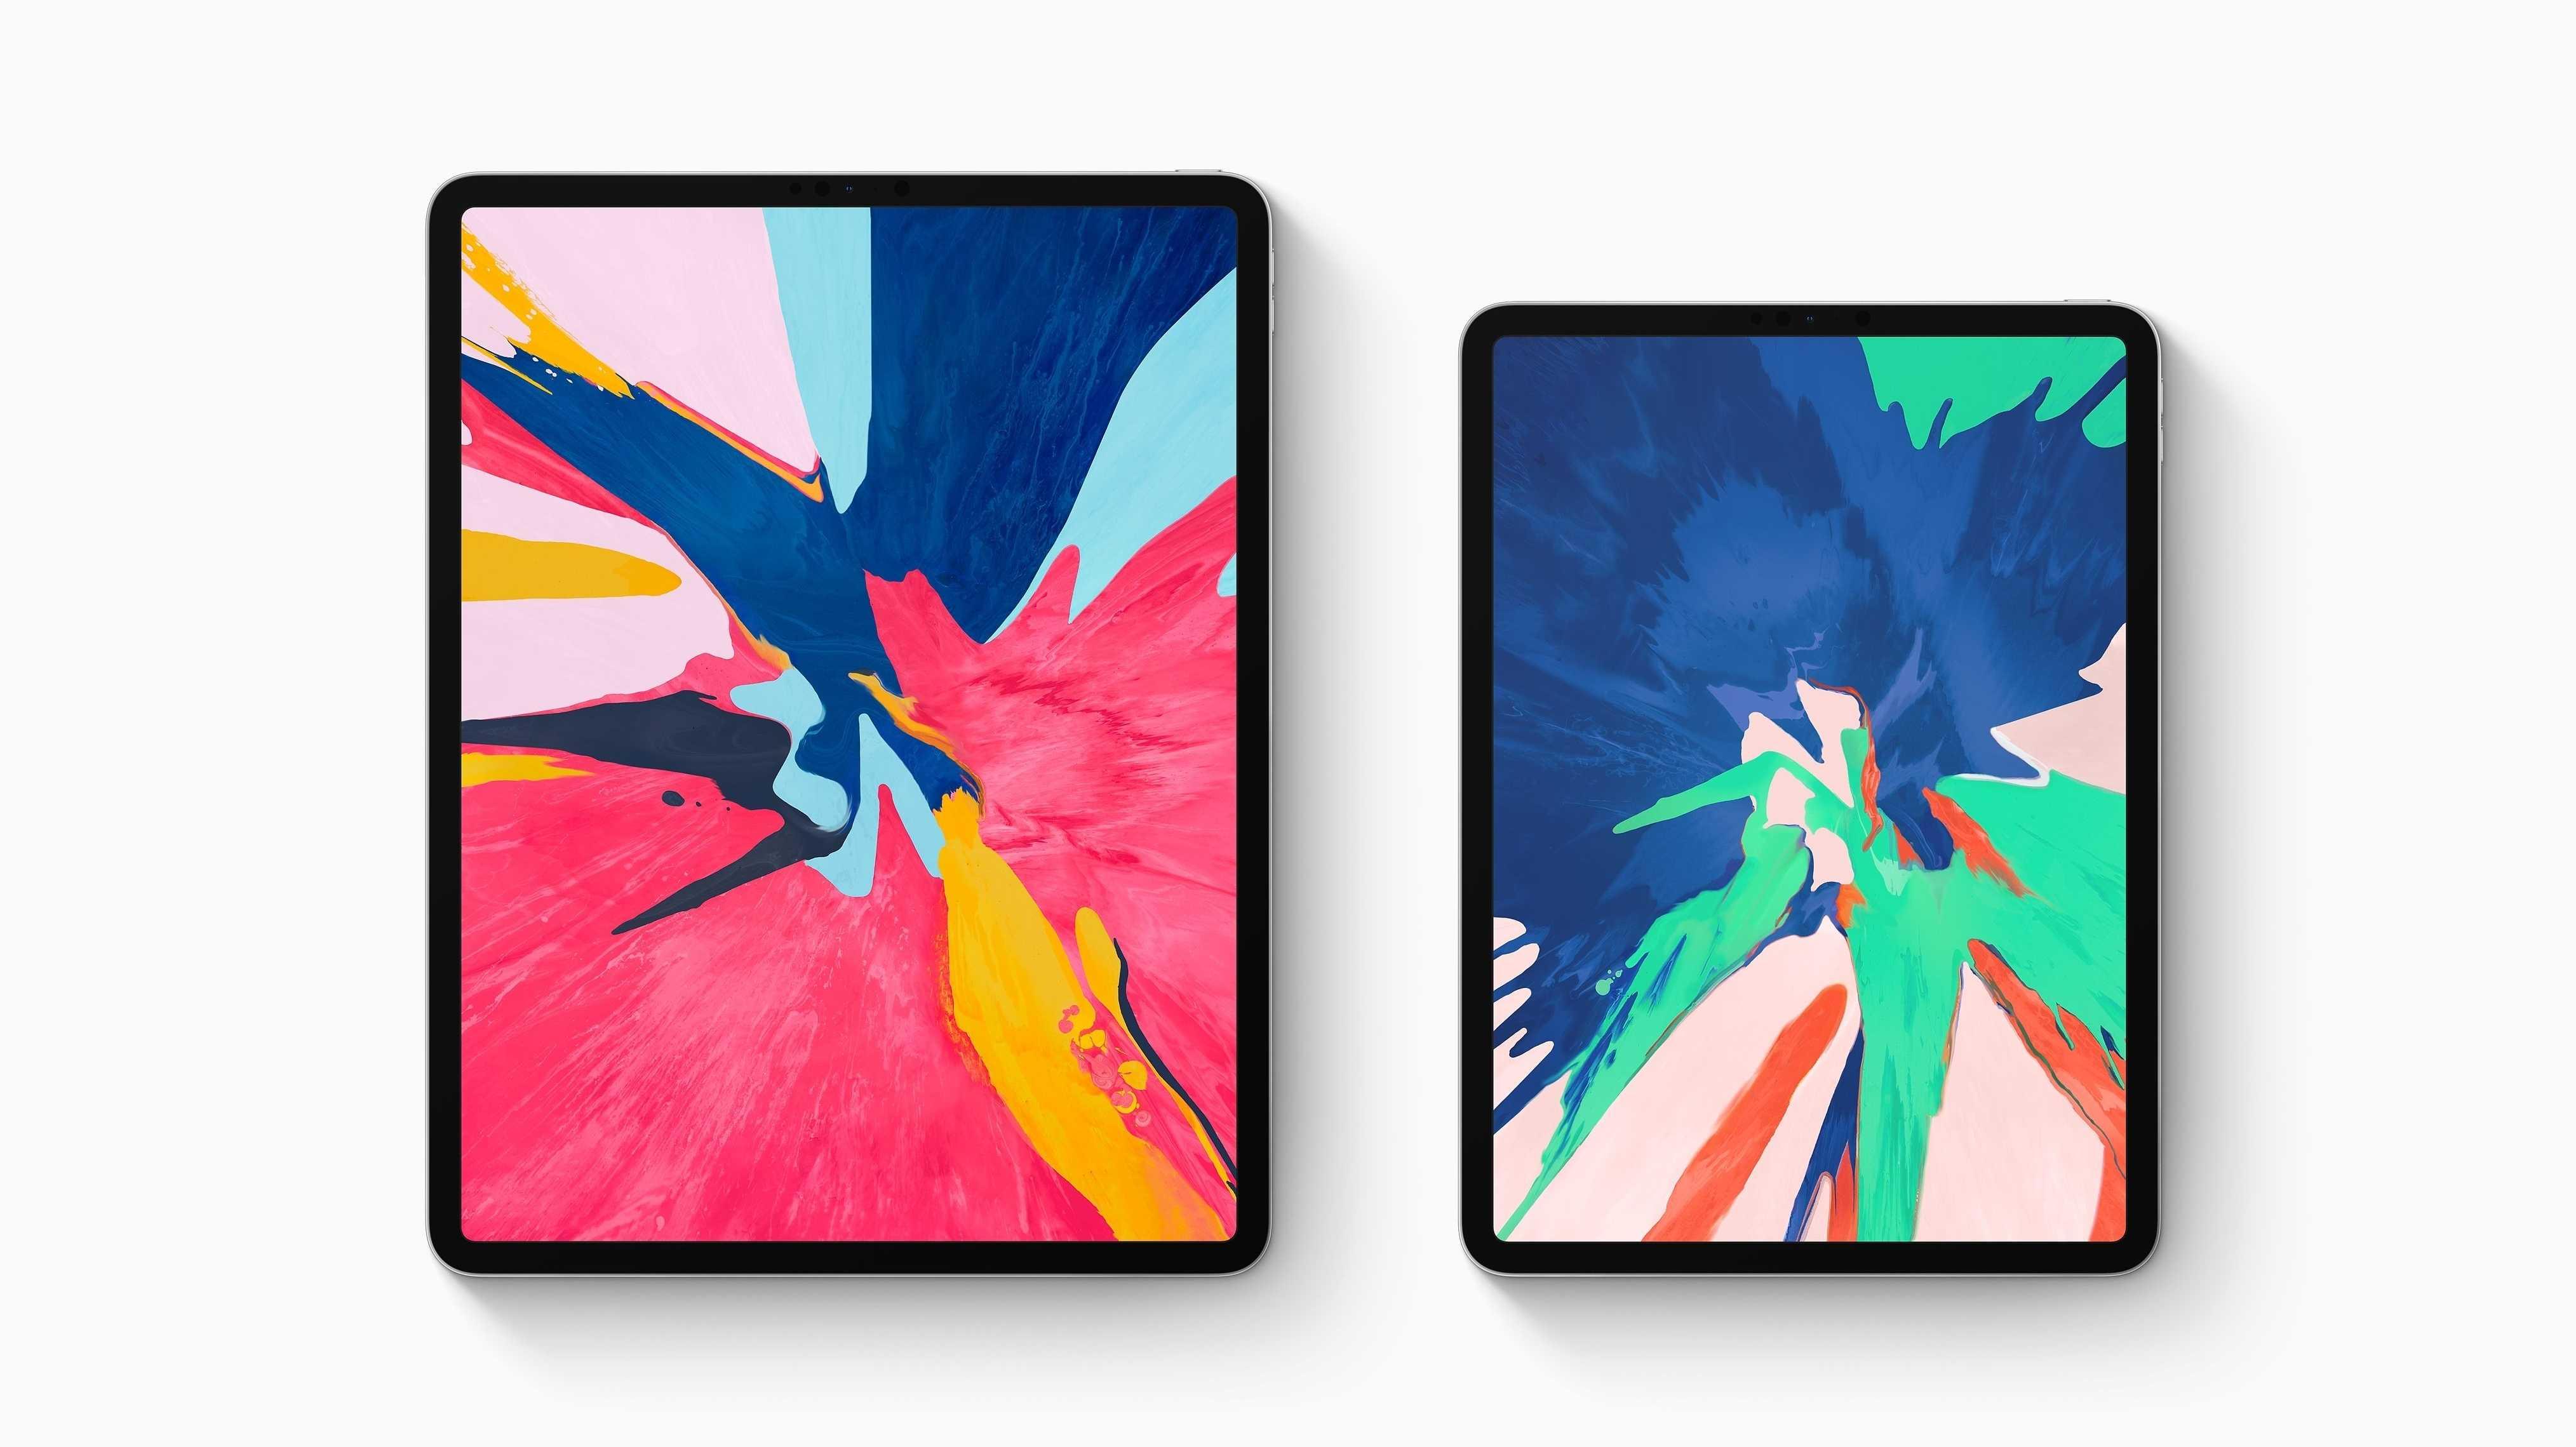 Face ID beim iPad Pro: Auf die Haltung kommt es an